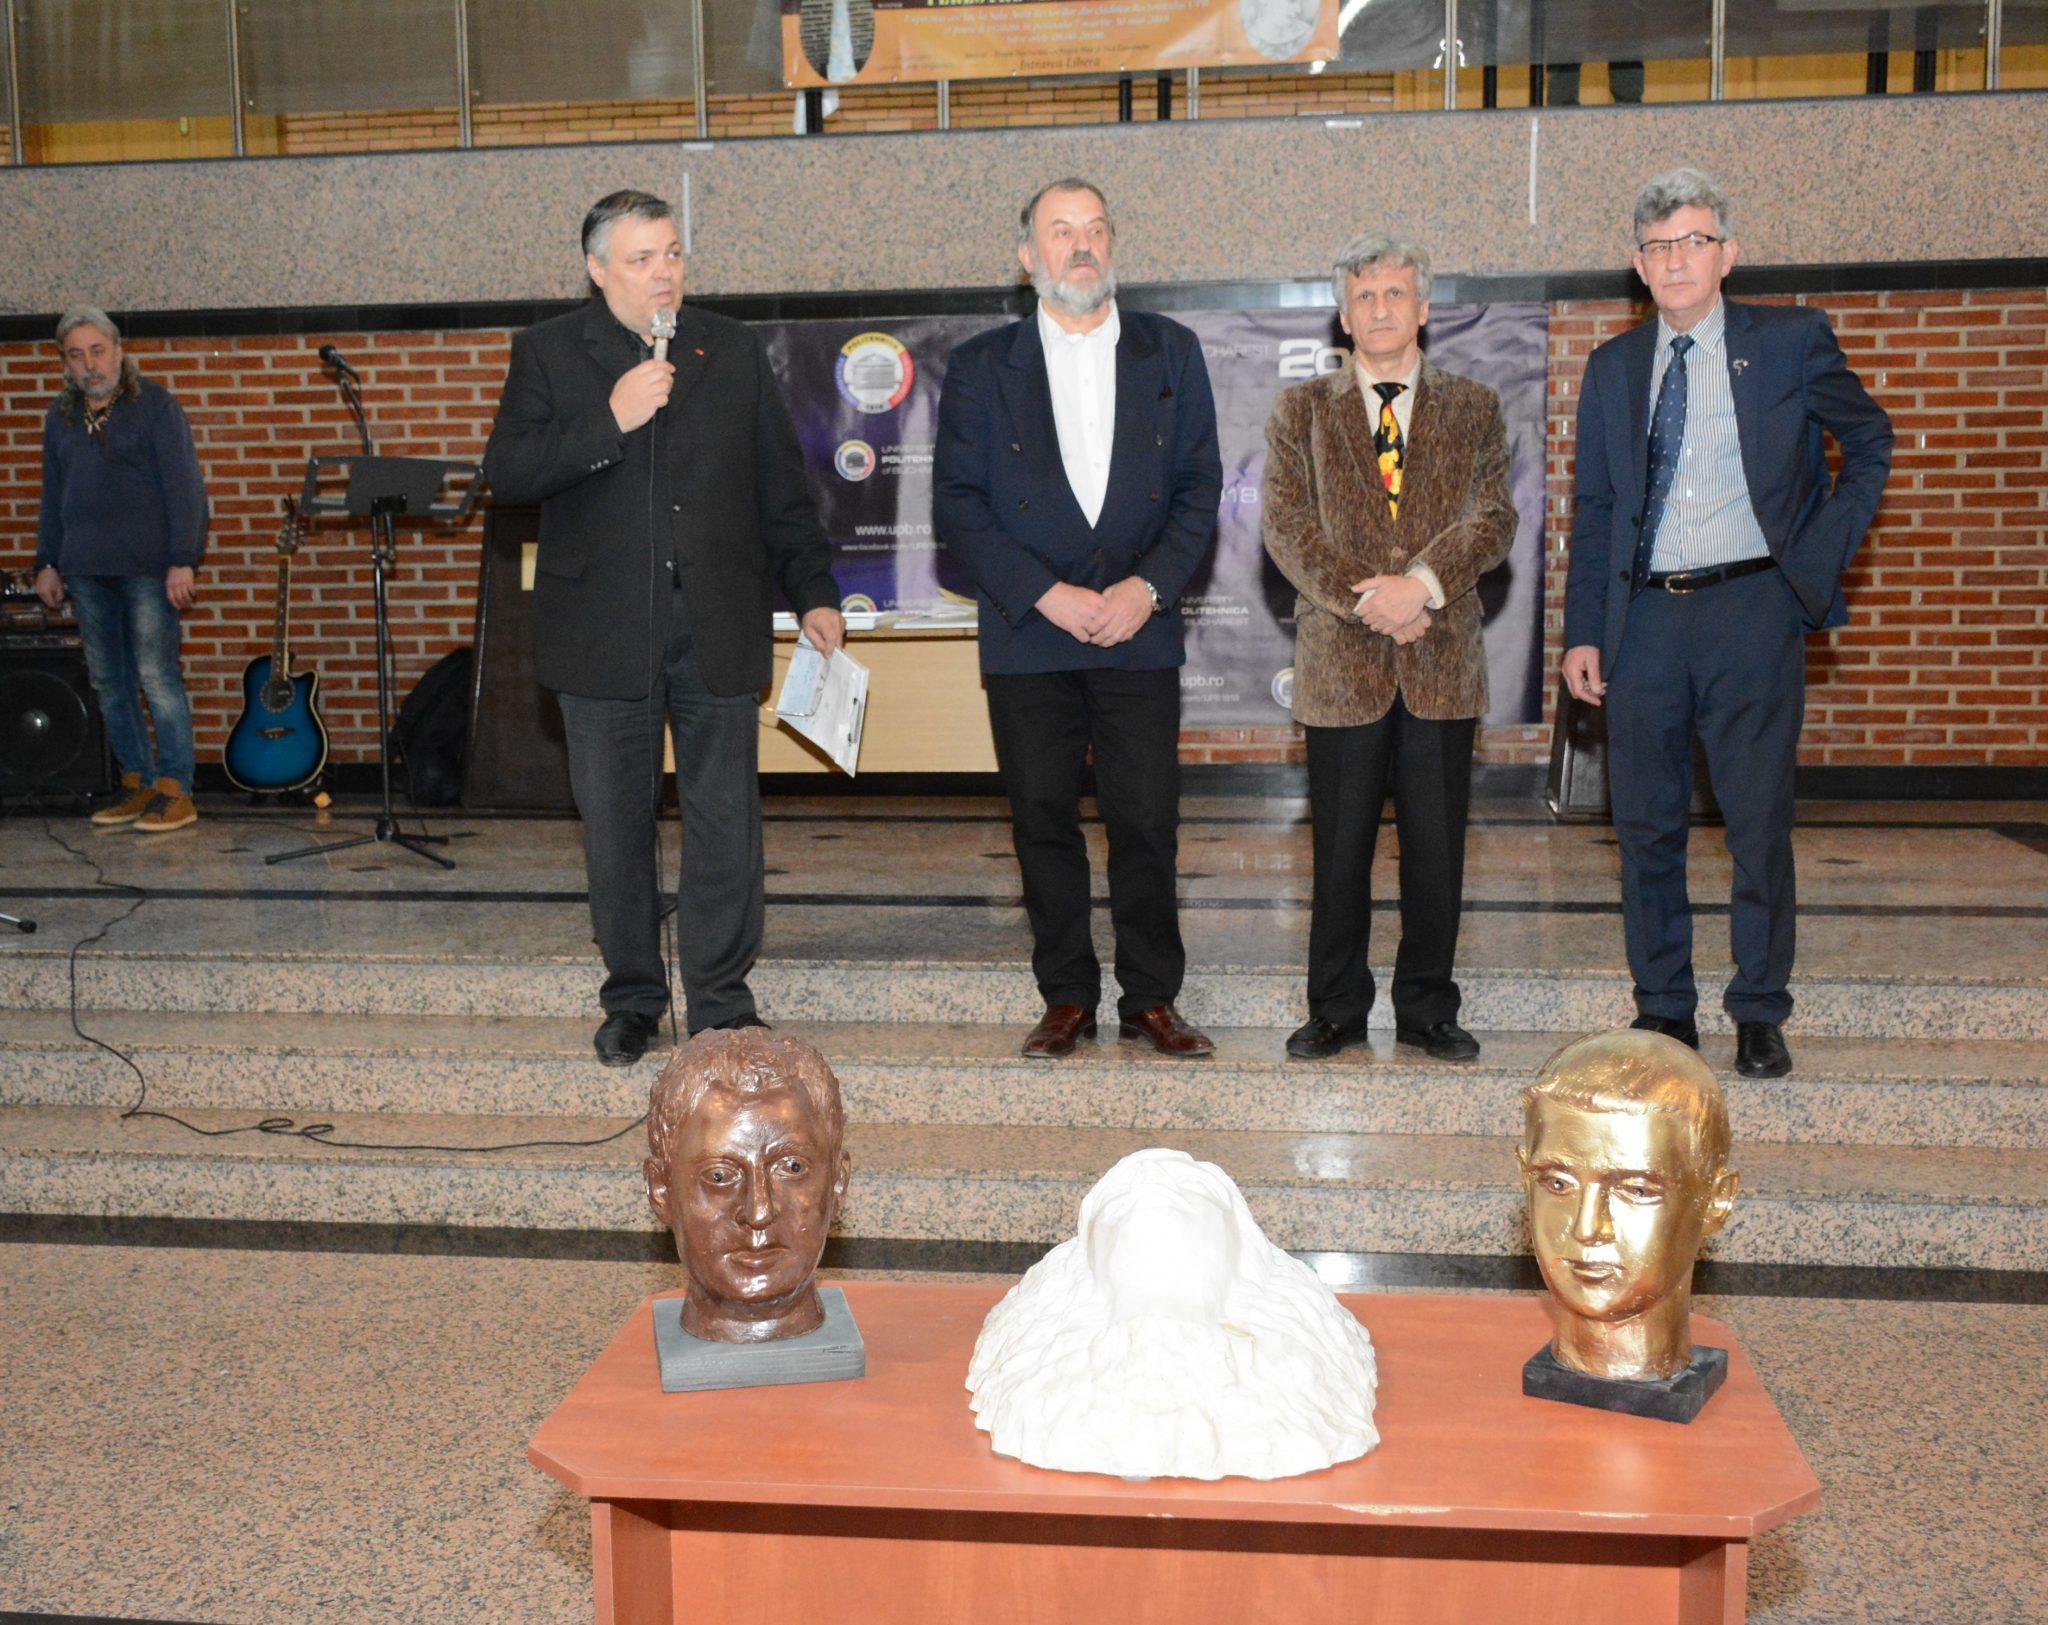 Sorin Mihăilescu, Constantin Sinescu, Mihai Cătrună, Gabriel Grigorescu